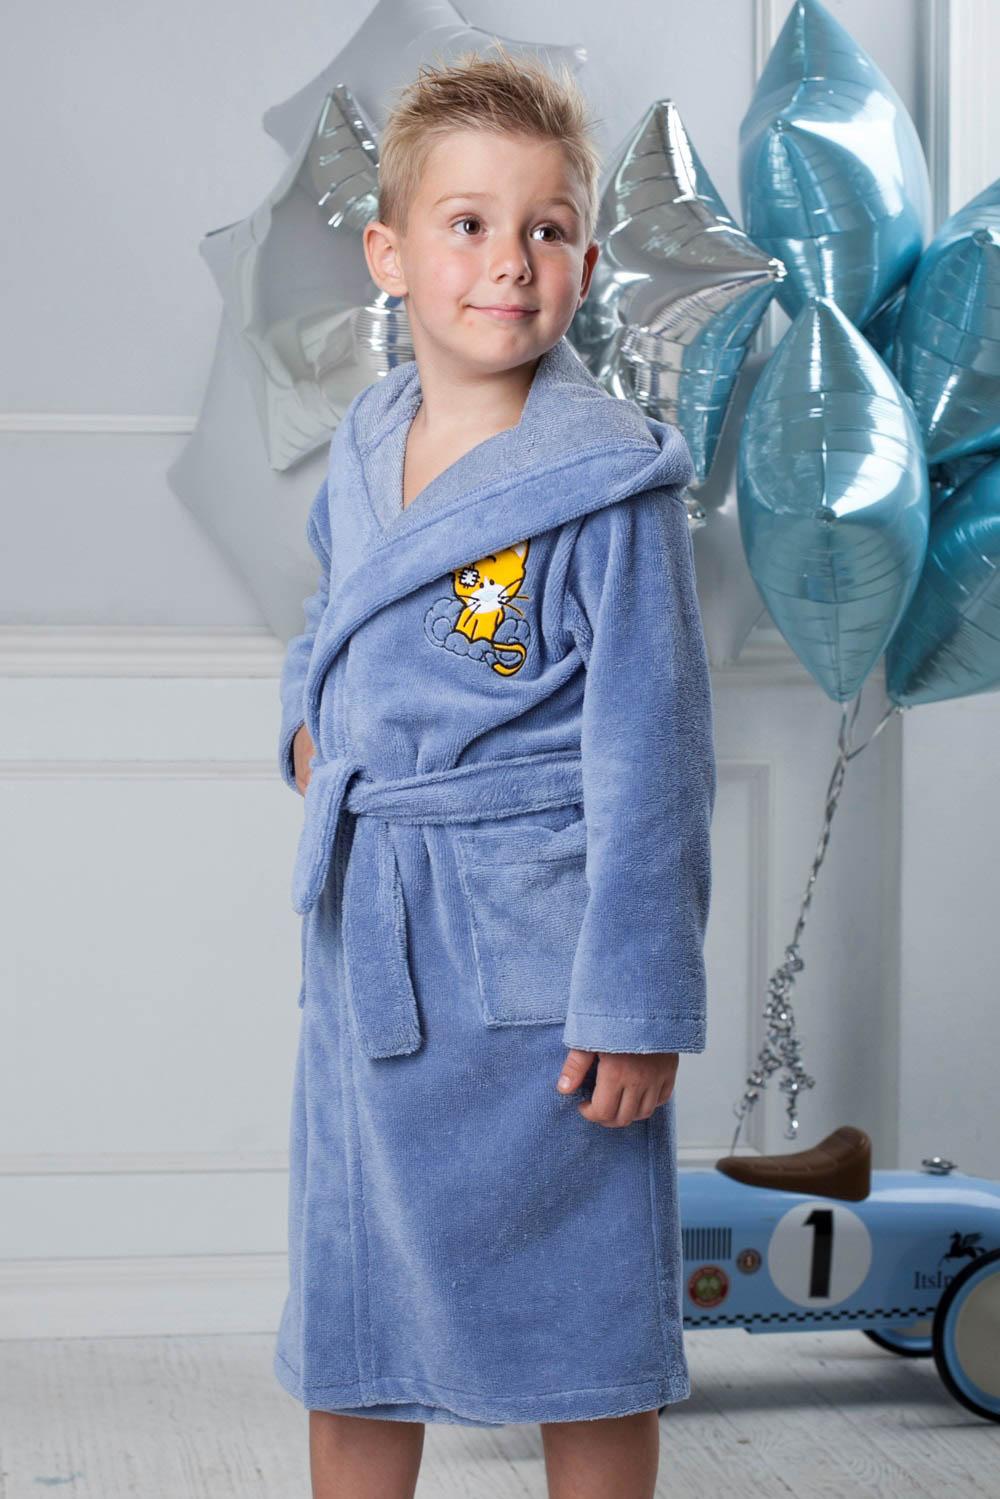 Детские халаты Five Wien Детский халат Малыш Цвет: Голубой (2-4 года) халаты домашние лори халат